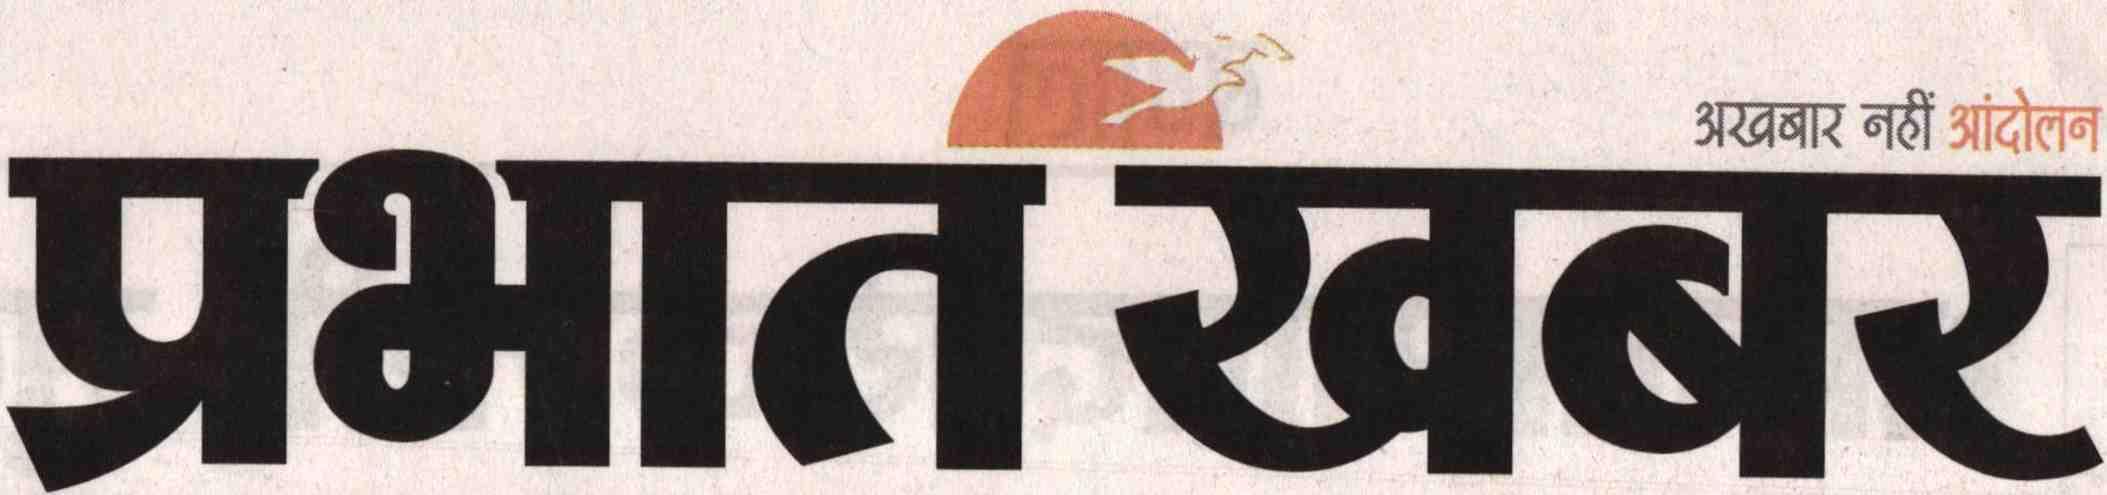 Prabhat Khabar (Hindi)